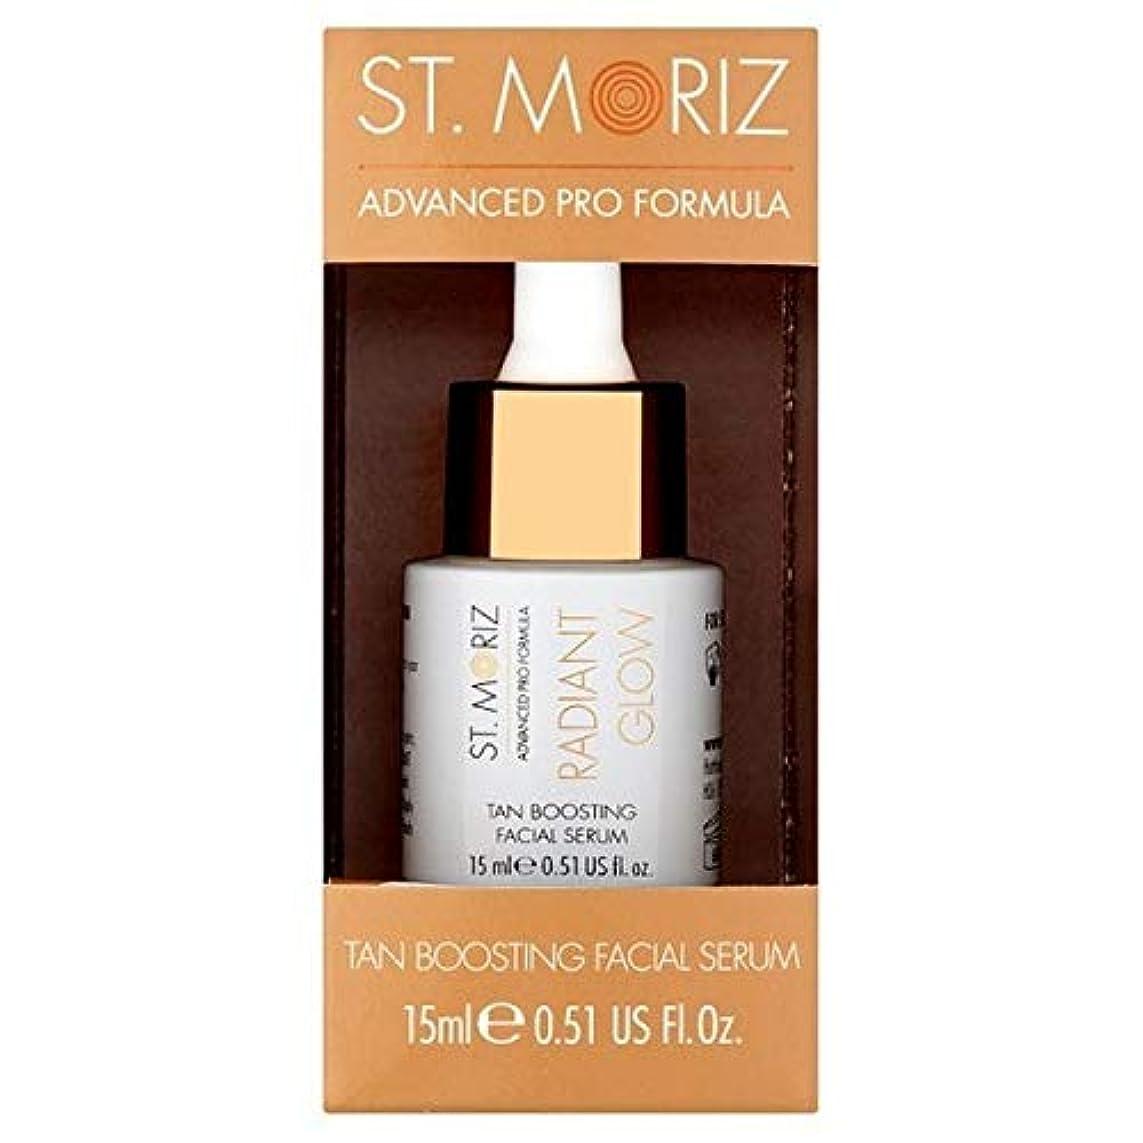 カポック血色の良いオゾン[St Moriz] St。顔の血清15ミリリットルを高めるMoriz高度なプロの日焼け - St. Moriz Advanced Pro Tan Boosting Facial Serum 15ml [並行輸入品]